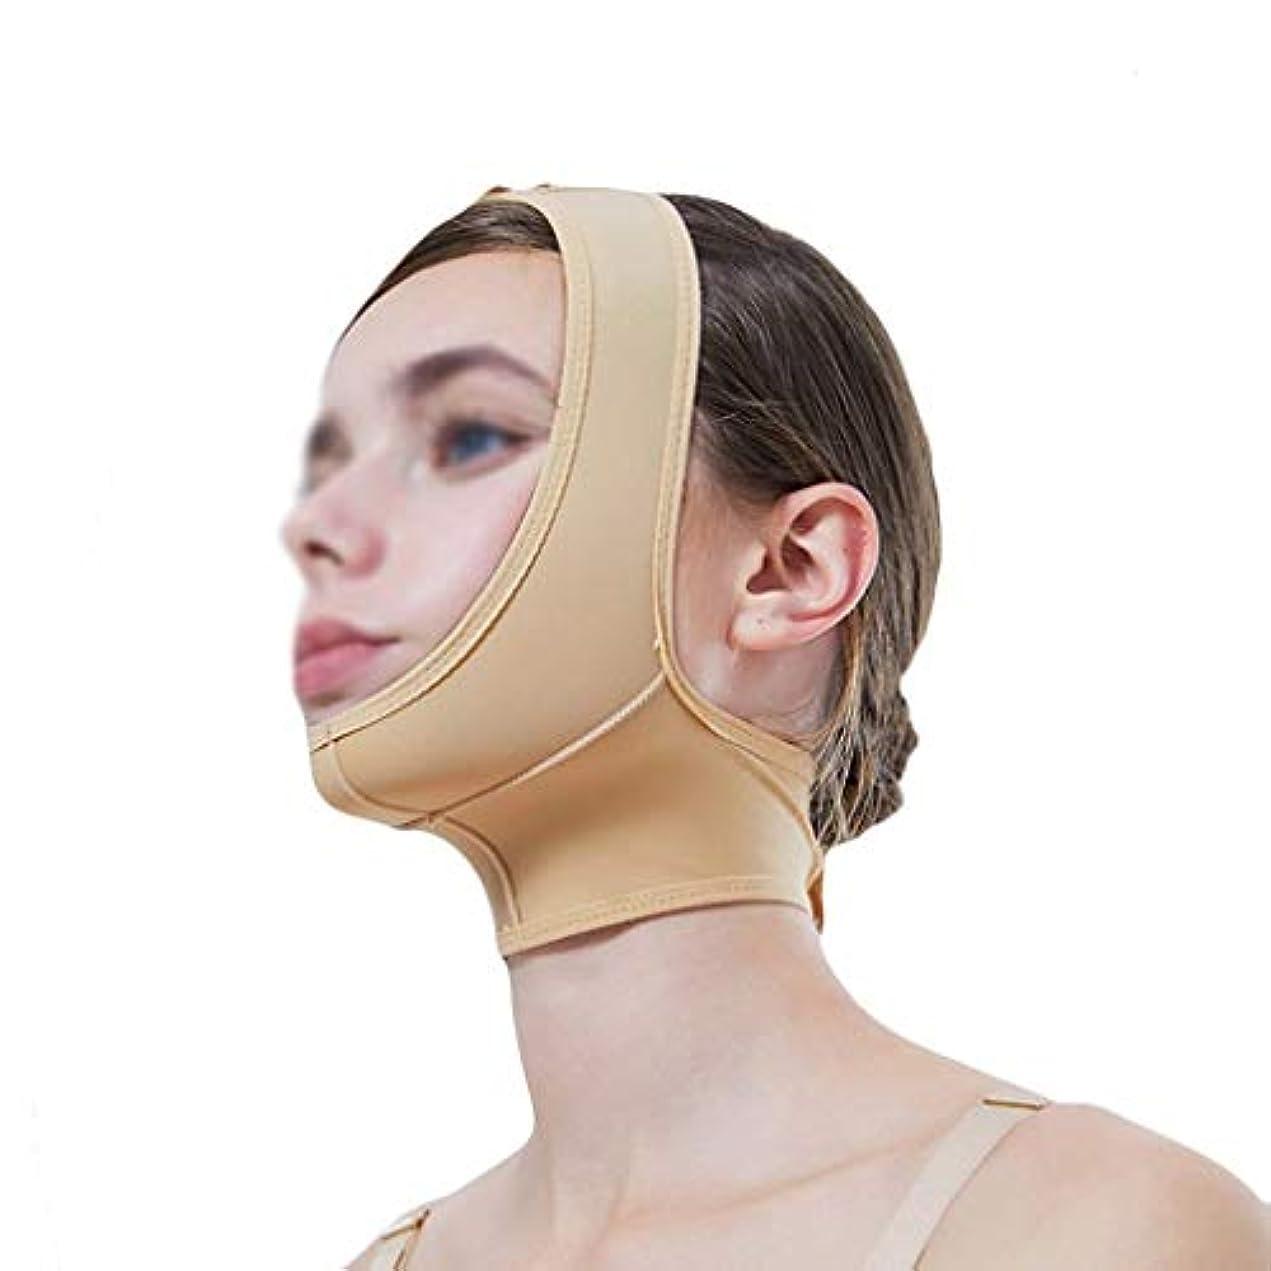 食品漏斗起きているマスク、超薄型ベルト、フェイスリフティングに適し、フェイスリフティング、通気性包帯、あご取りベルト、超薄型ベルト、通気性(サイズ:XL),XS